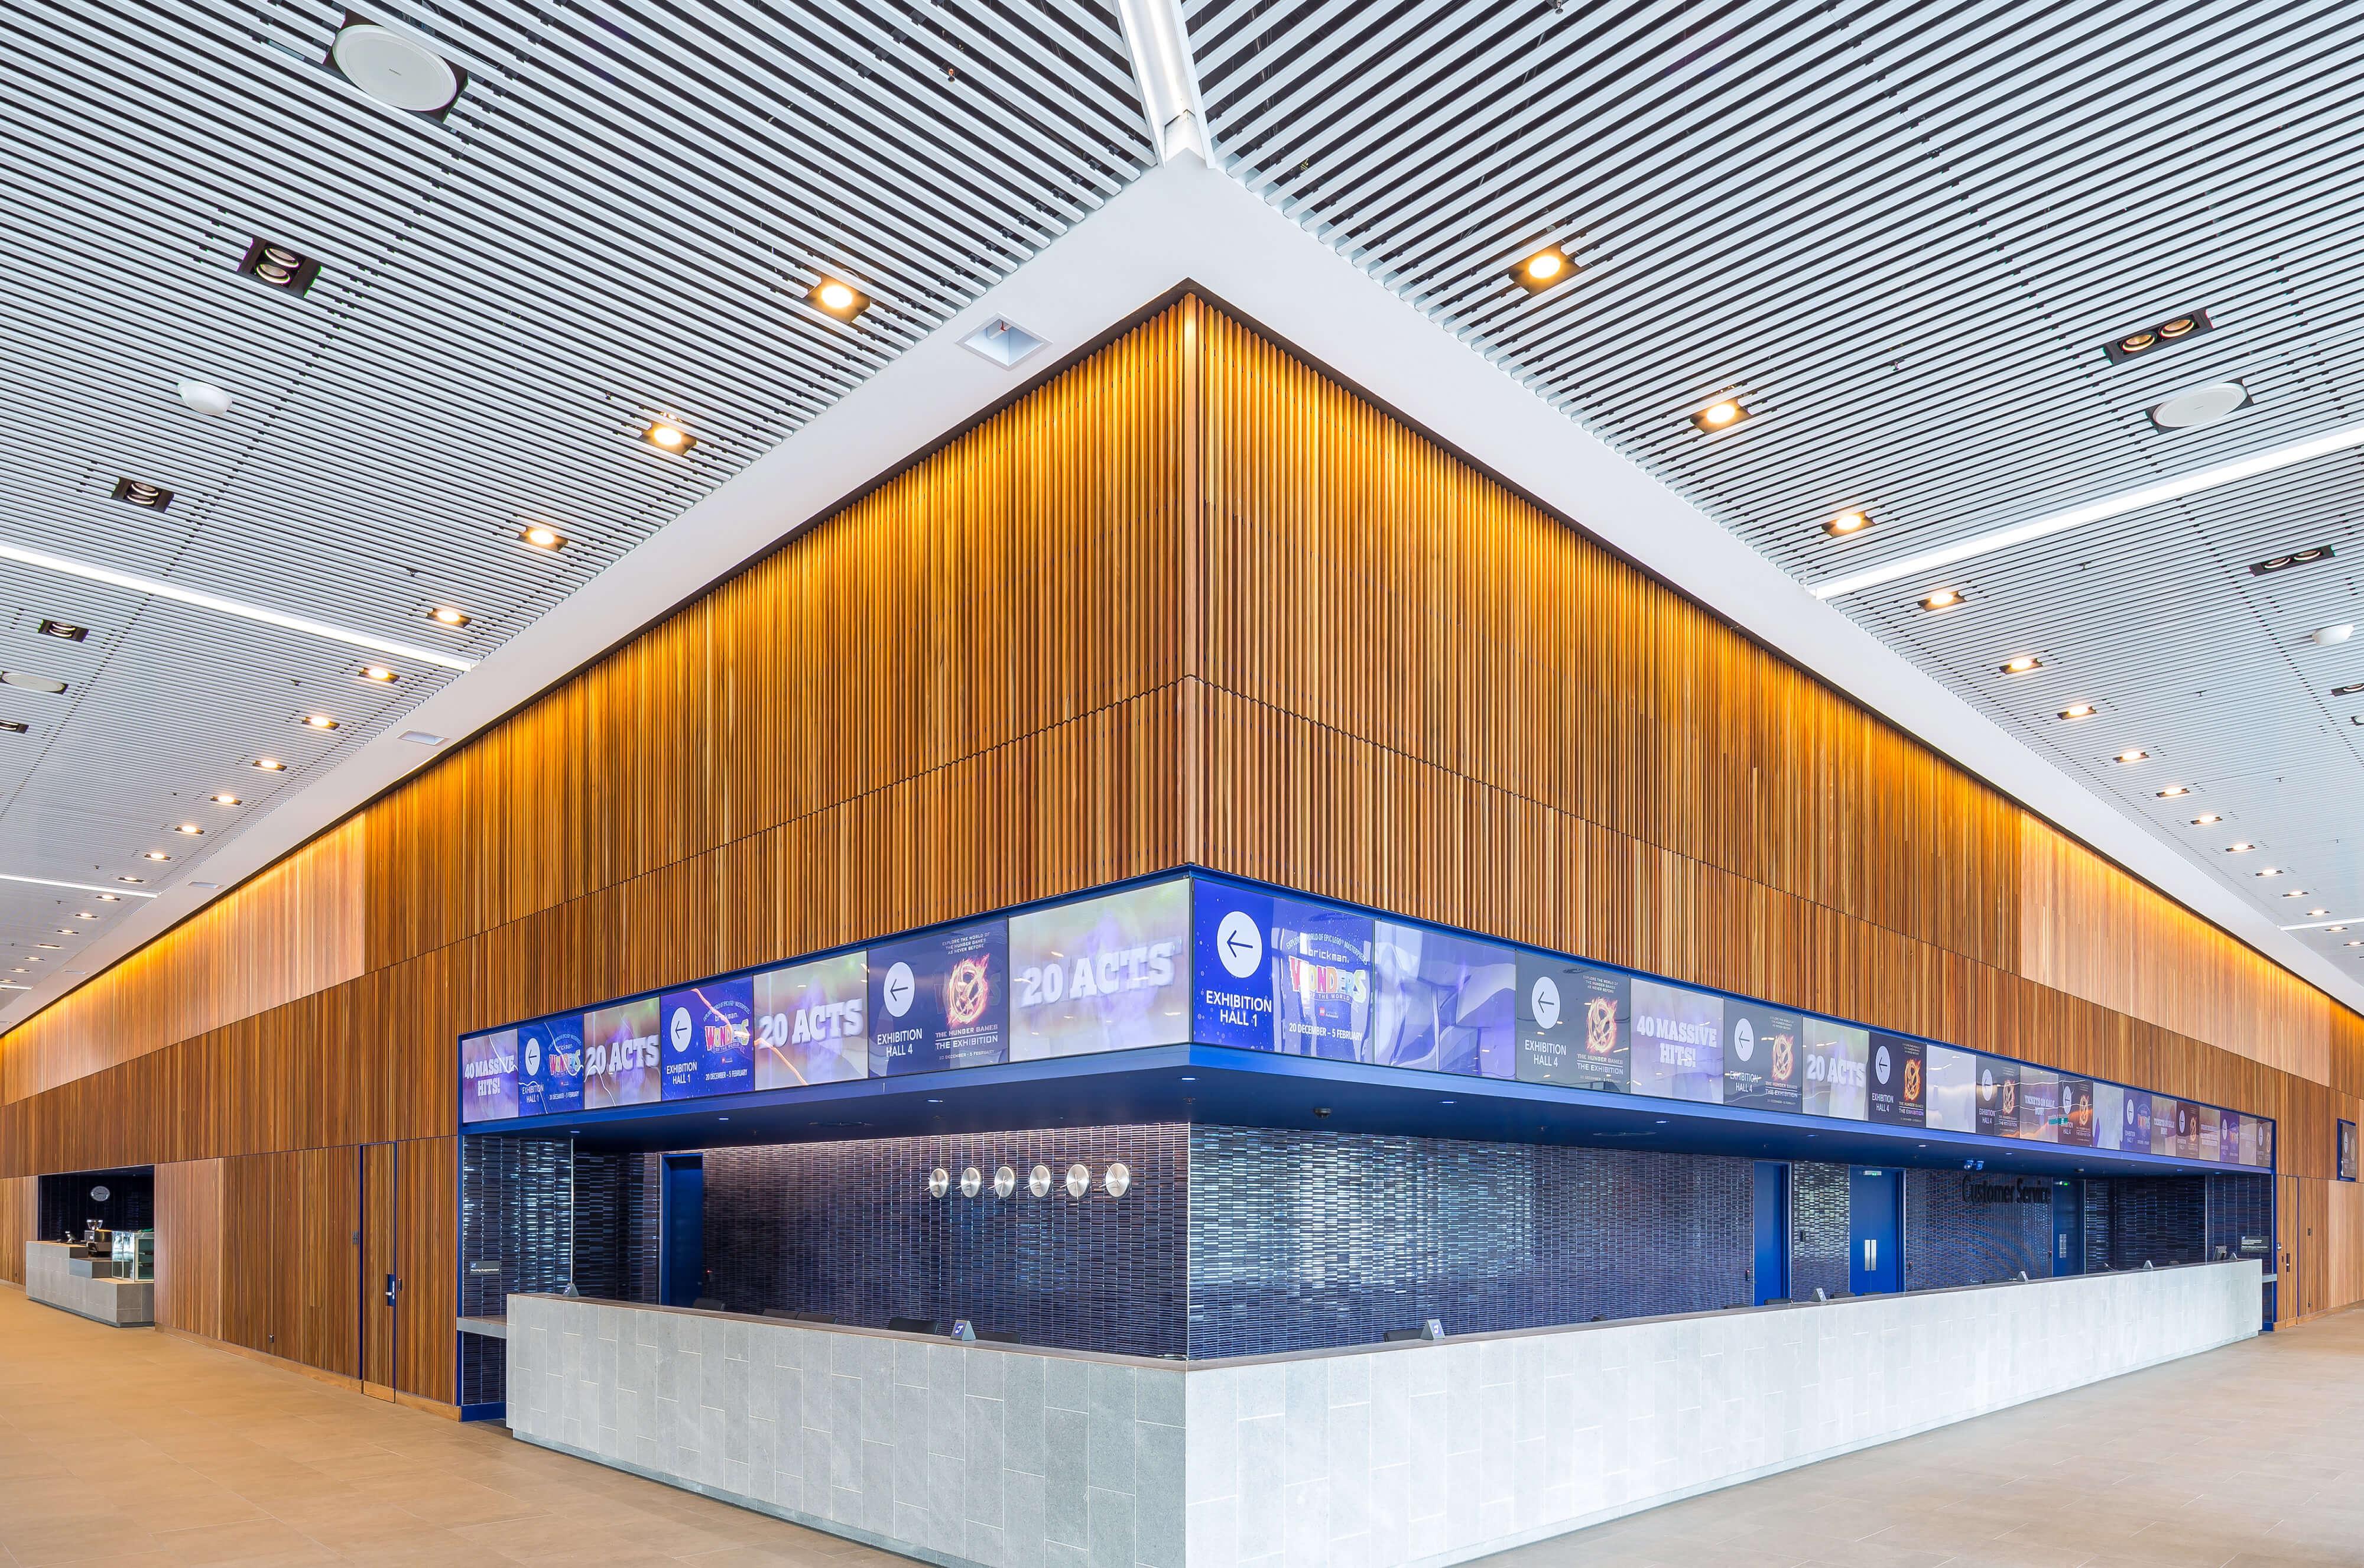 Sydney ICC Sculptform